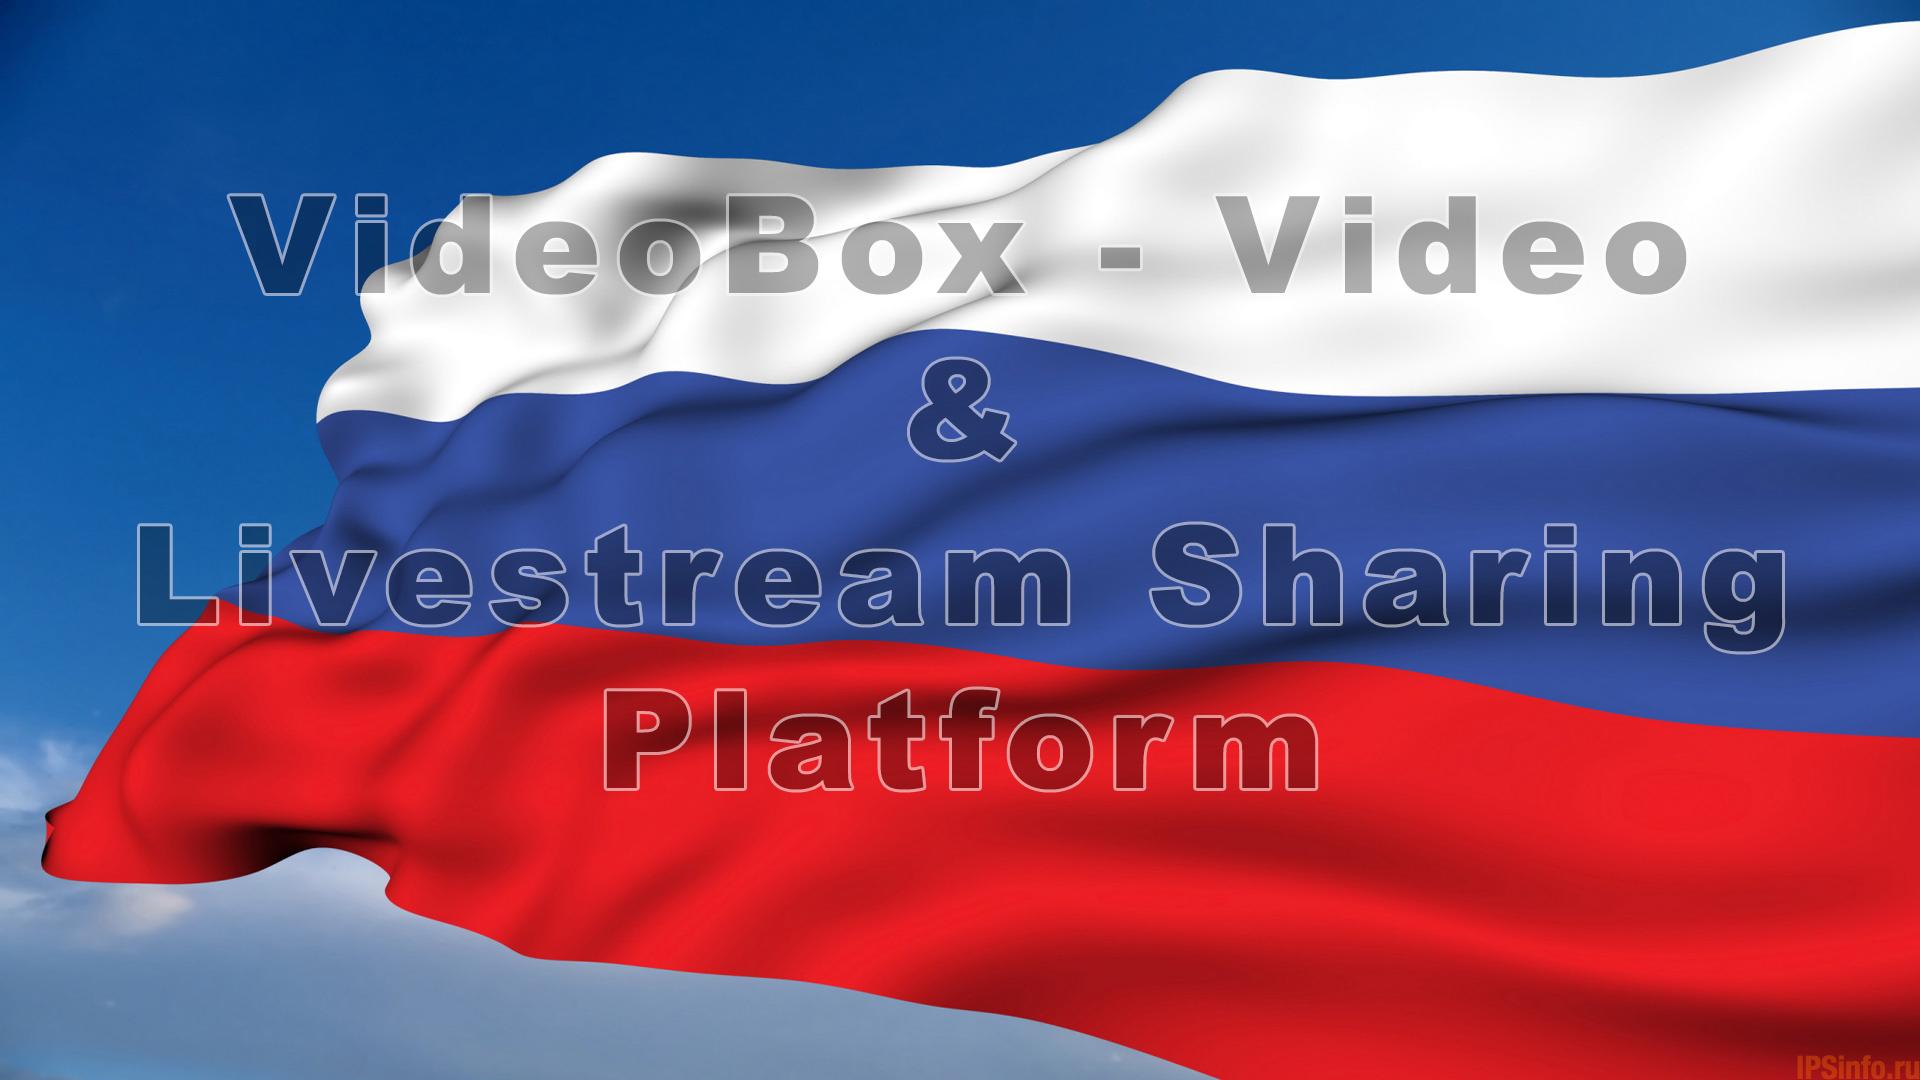 Русский язык для приложения VideoBox - Video & Livestream Sharing Platform